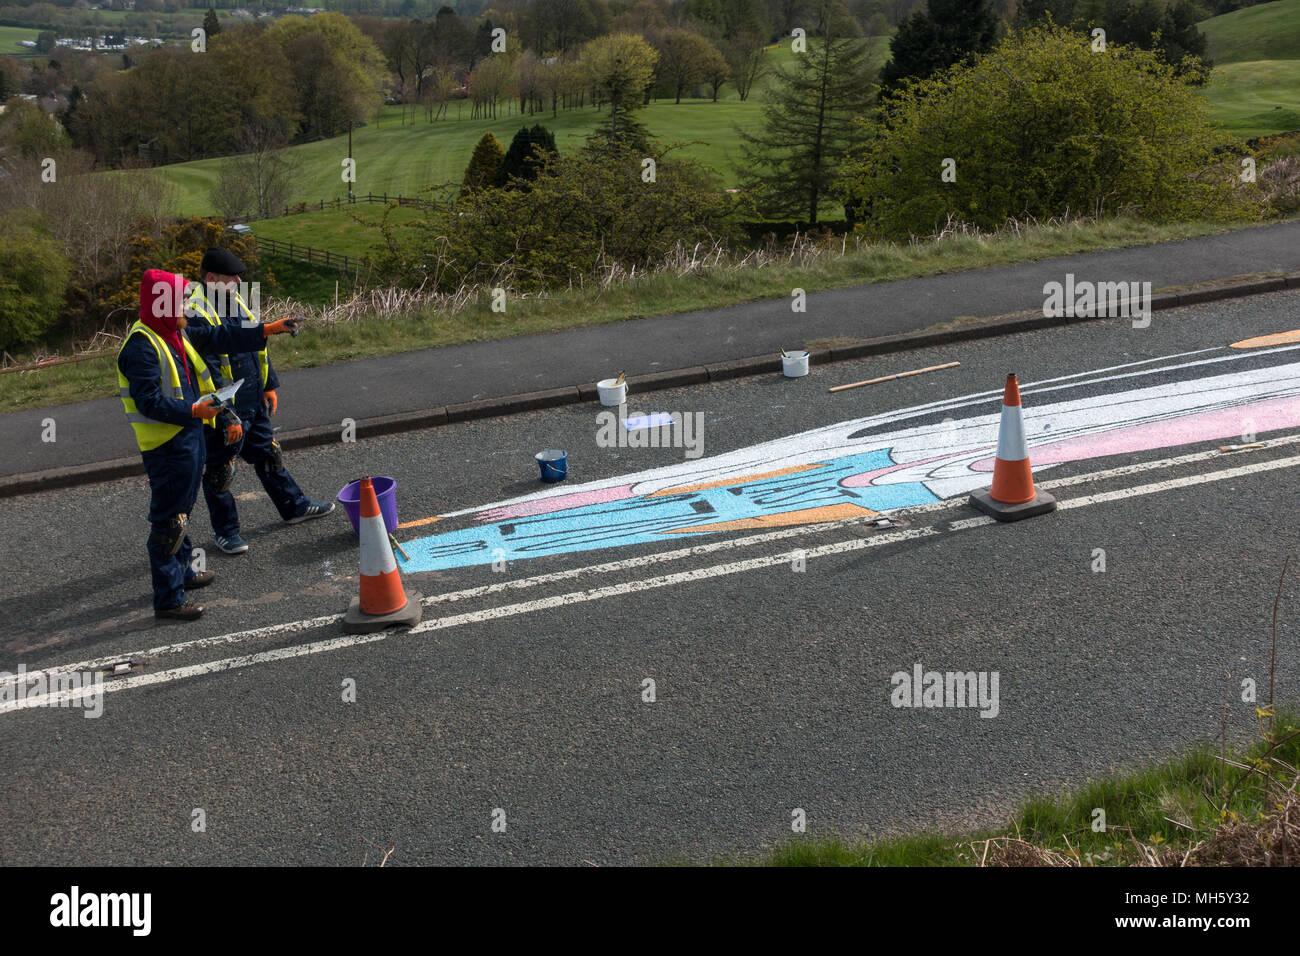 UK Sport: Ilkley Moor, West Yorkshire, Royaume-Uni. 30 avril 2018. La planification de la prochaine partie d'artistes de la peinture la Tour de Yorkshire's premier sommet terminer sur la Vache et son veau road prêt pour la course de vendredi. Il s'étend sur les deux côtés de la route. Qu'est-ce que cela va être? Land art (anamorphique) Rebecca Cole/Alamy Live News Photo Stock